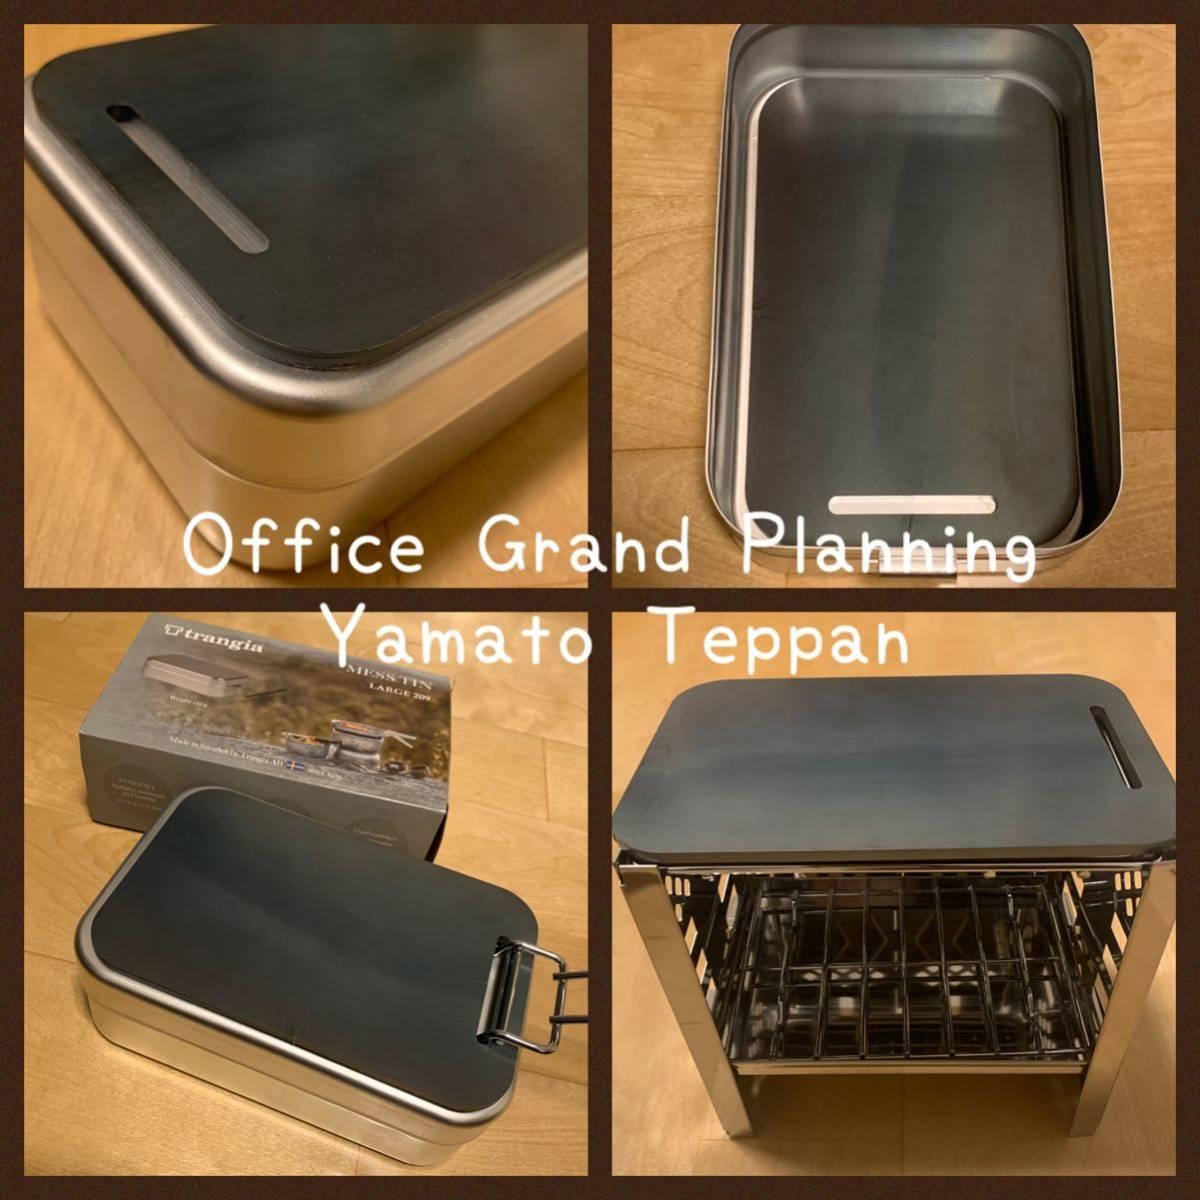 トランギア メスティン ラージ 収納 6ミリ 鉄板 スクレーパー シリコン取手カバー ネオプレン収納袋 黒 大和鉄板